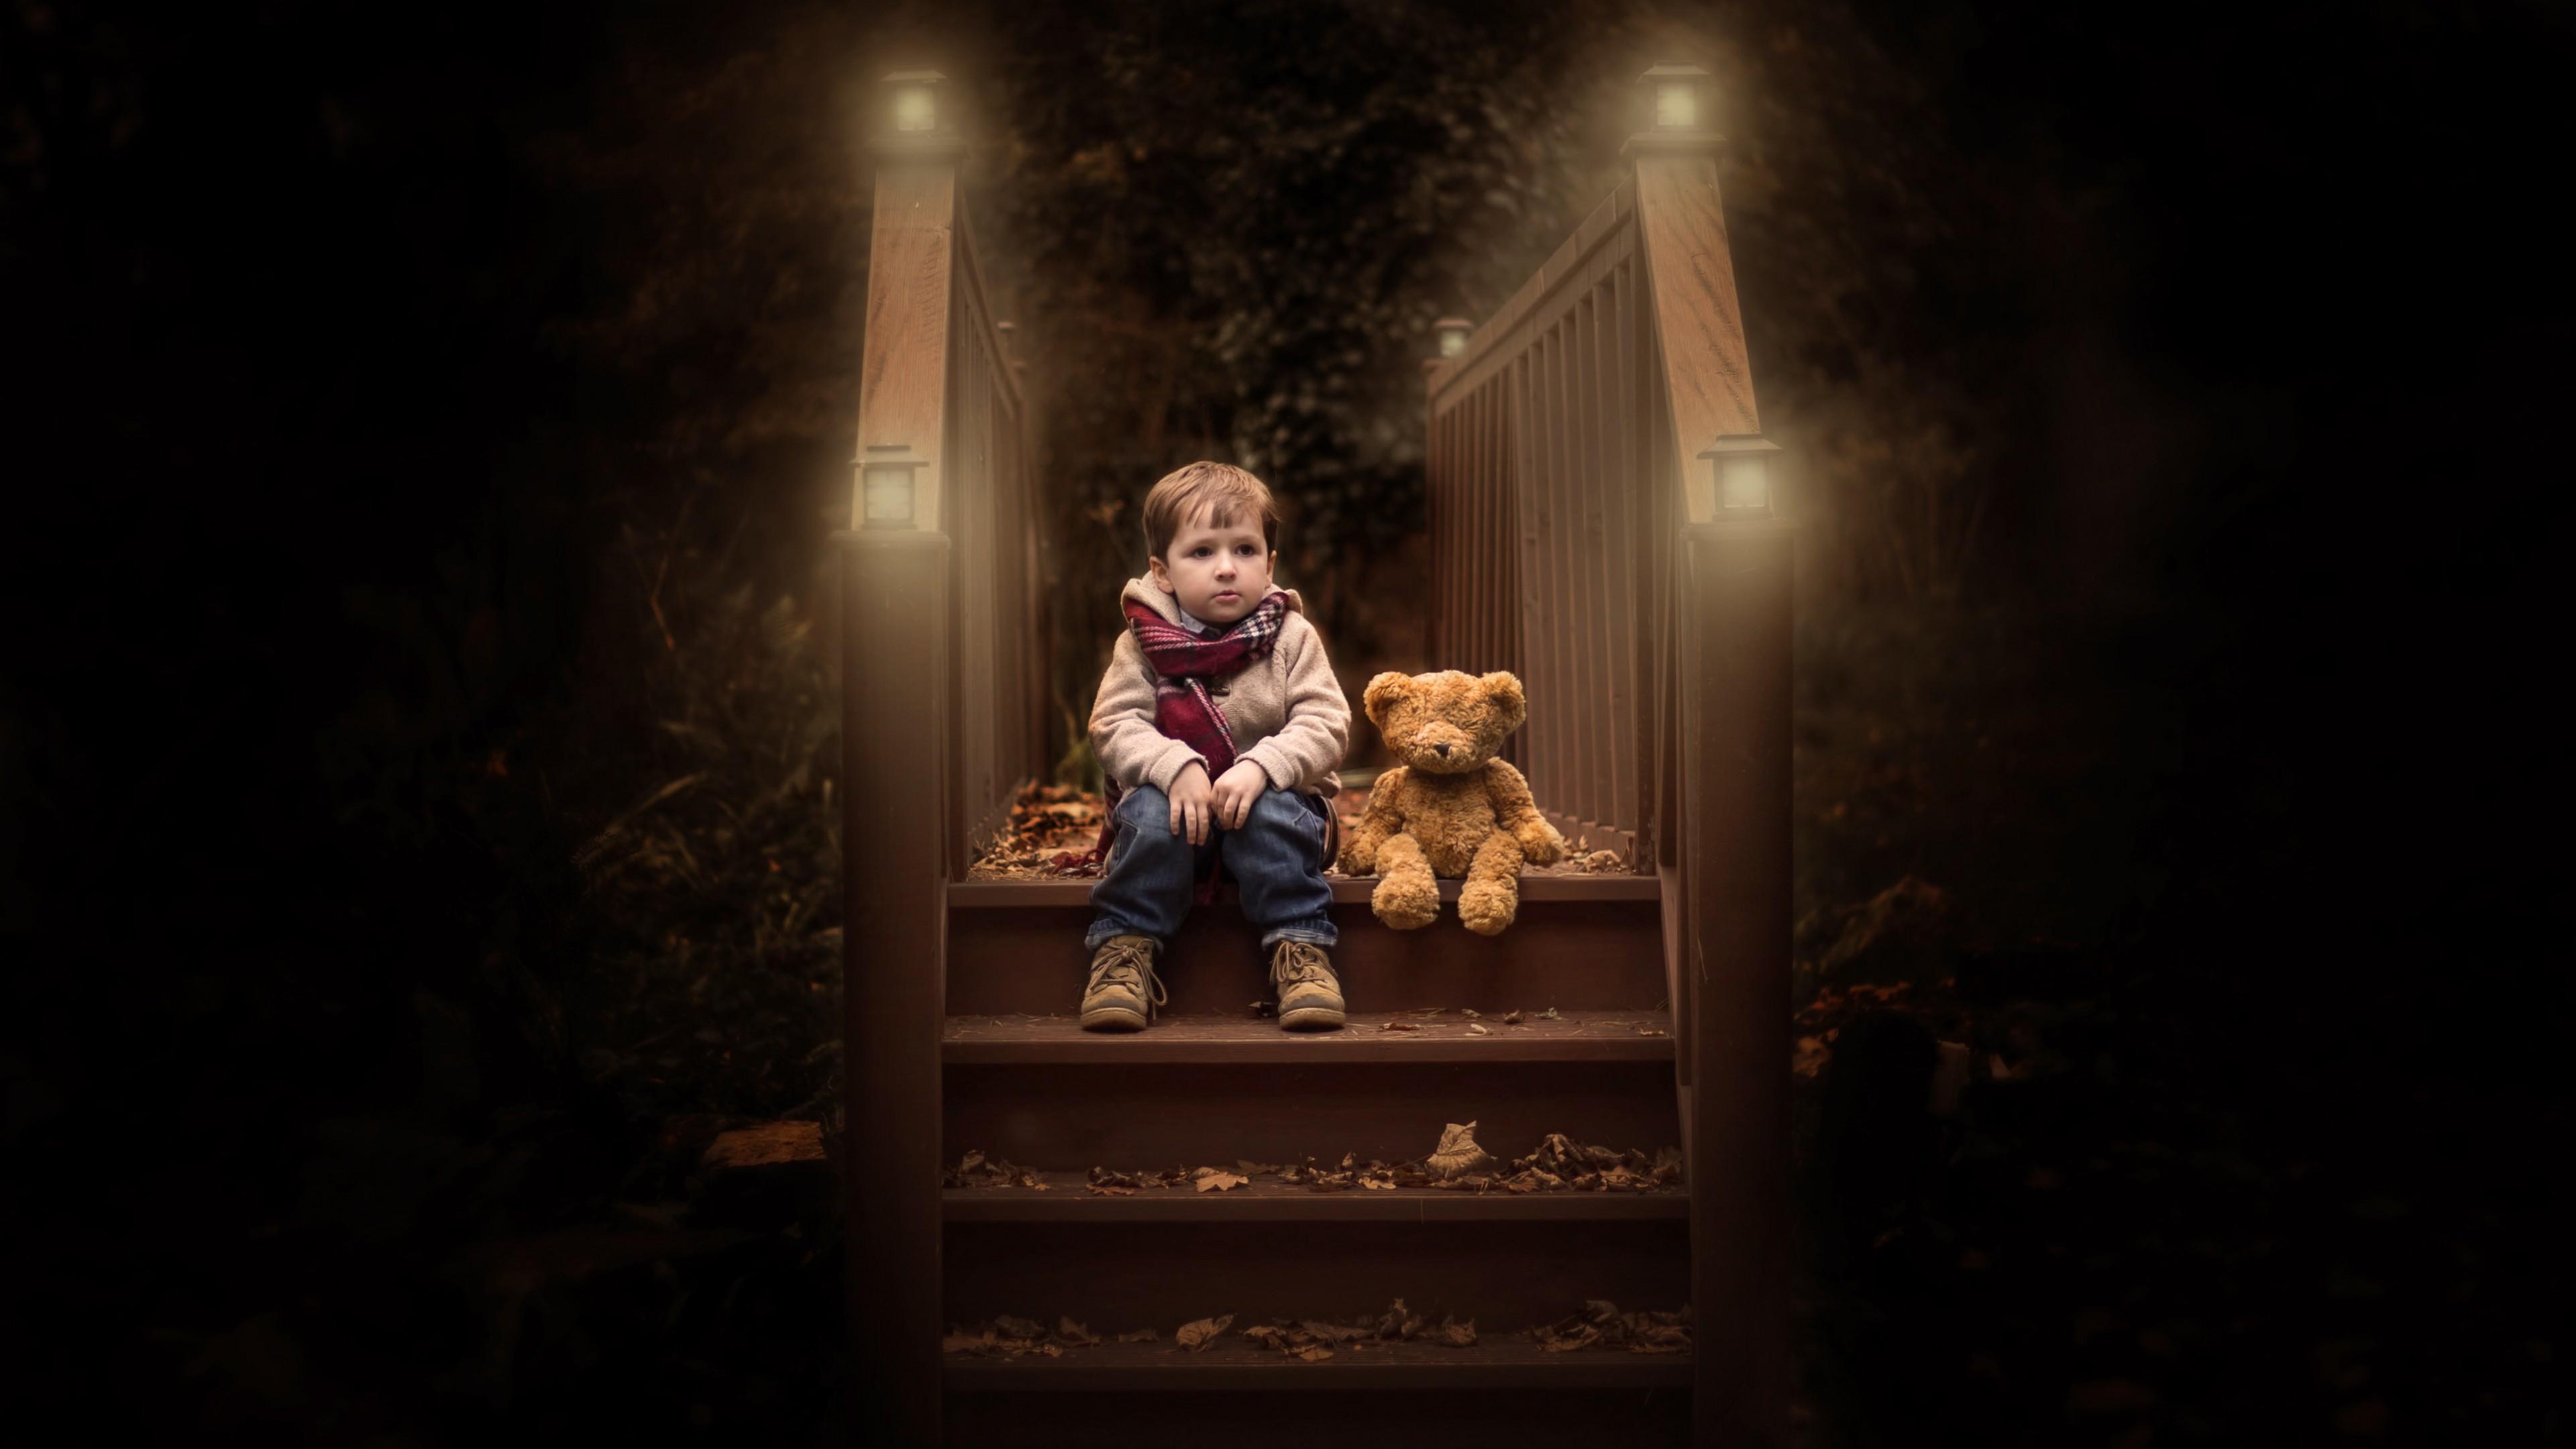 Маленький мальчик с плюшевым медведем на ступенях  сухих желтых листьев и ночных фонарей